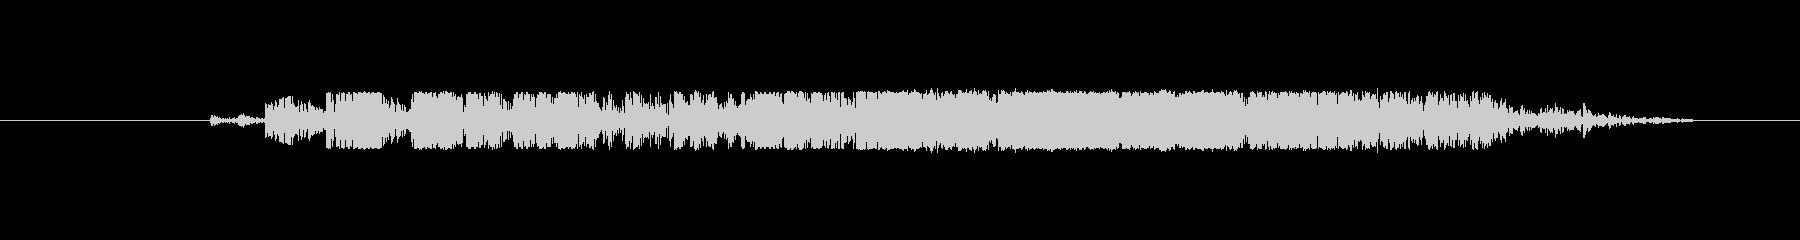 野獣 チョークショート02の未再生の波形